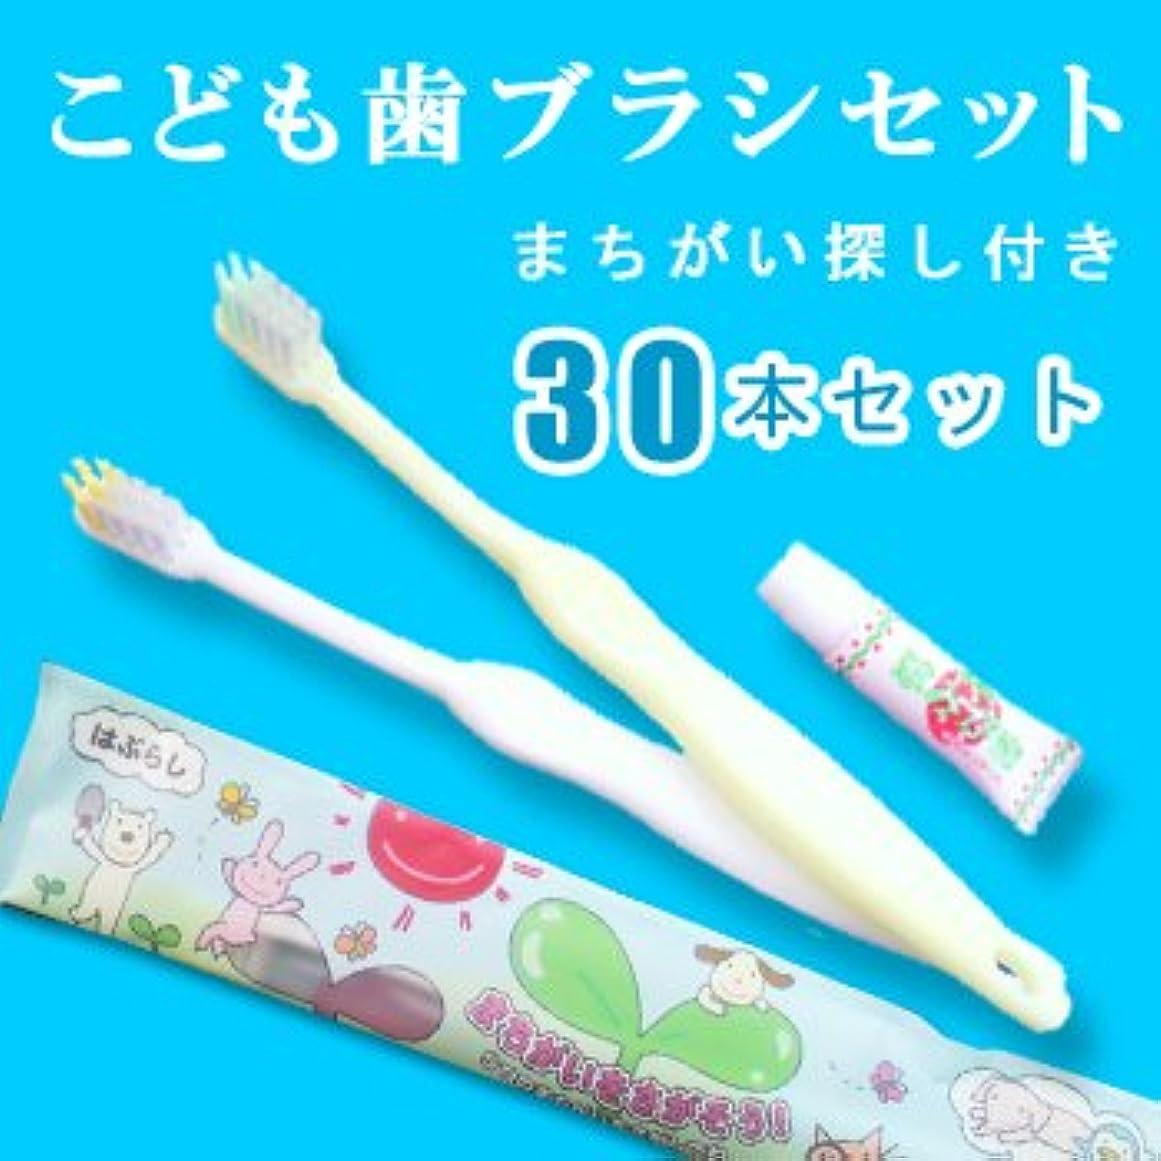 カストディアンハブブウガンダこども歯ブラシ いちご味の歯磨き粉3gチューブ付 ホワイト?イエロー各15本アソート(1セット30本)